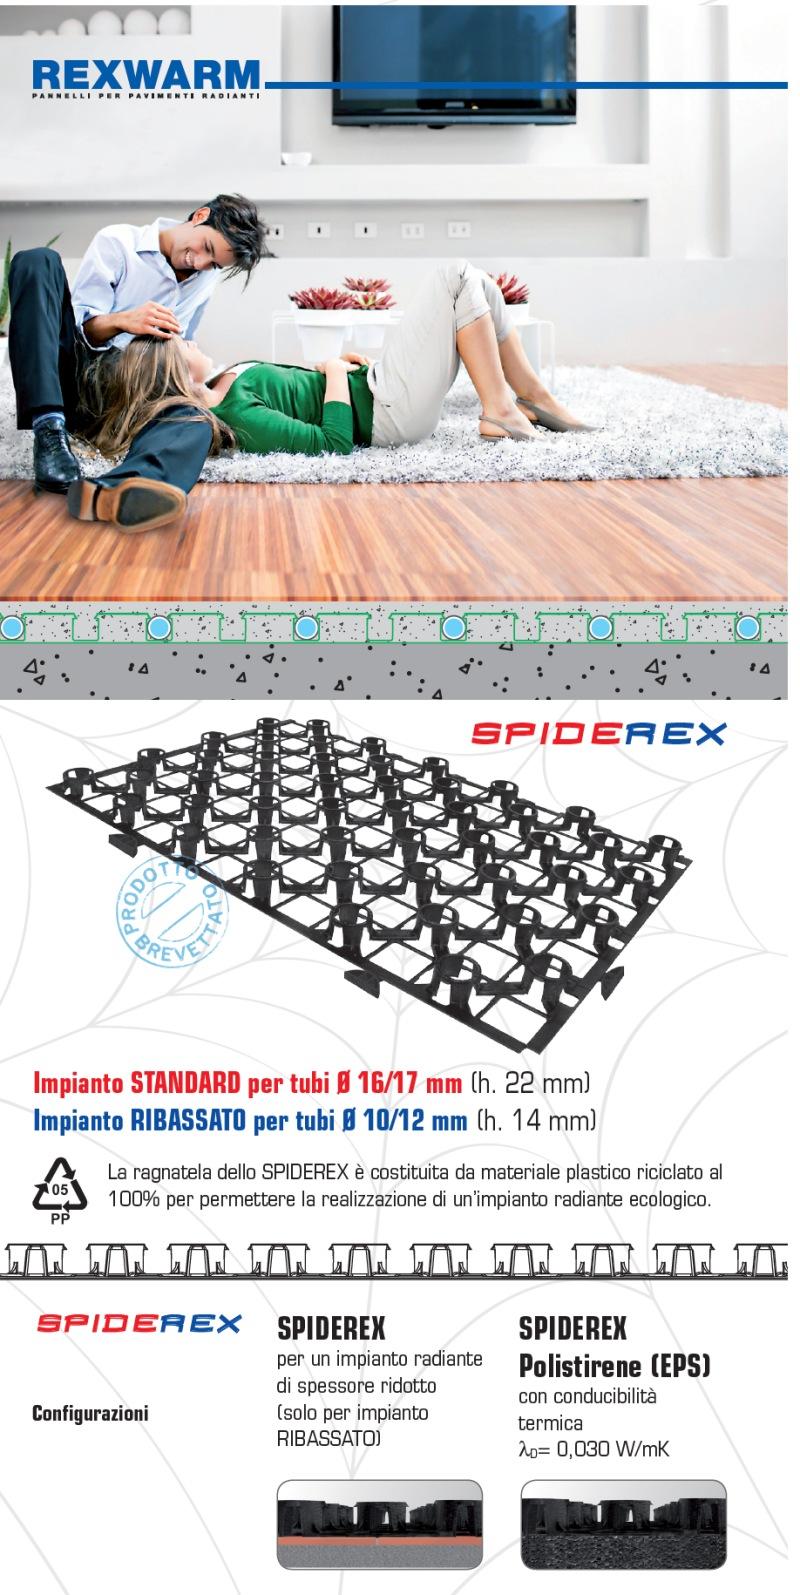 Riscaldamento A Pavimento Ribassato Spessore spiderrex - impianti riscaldamento a pavimento | rexwarm